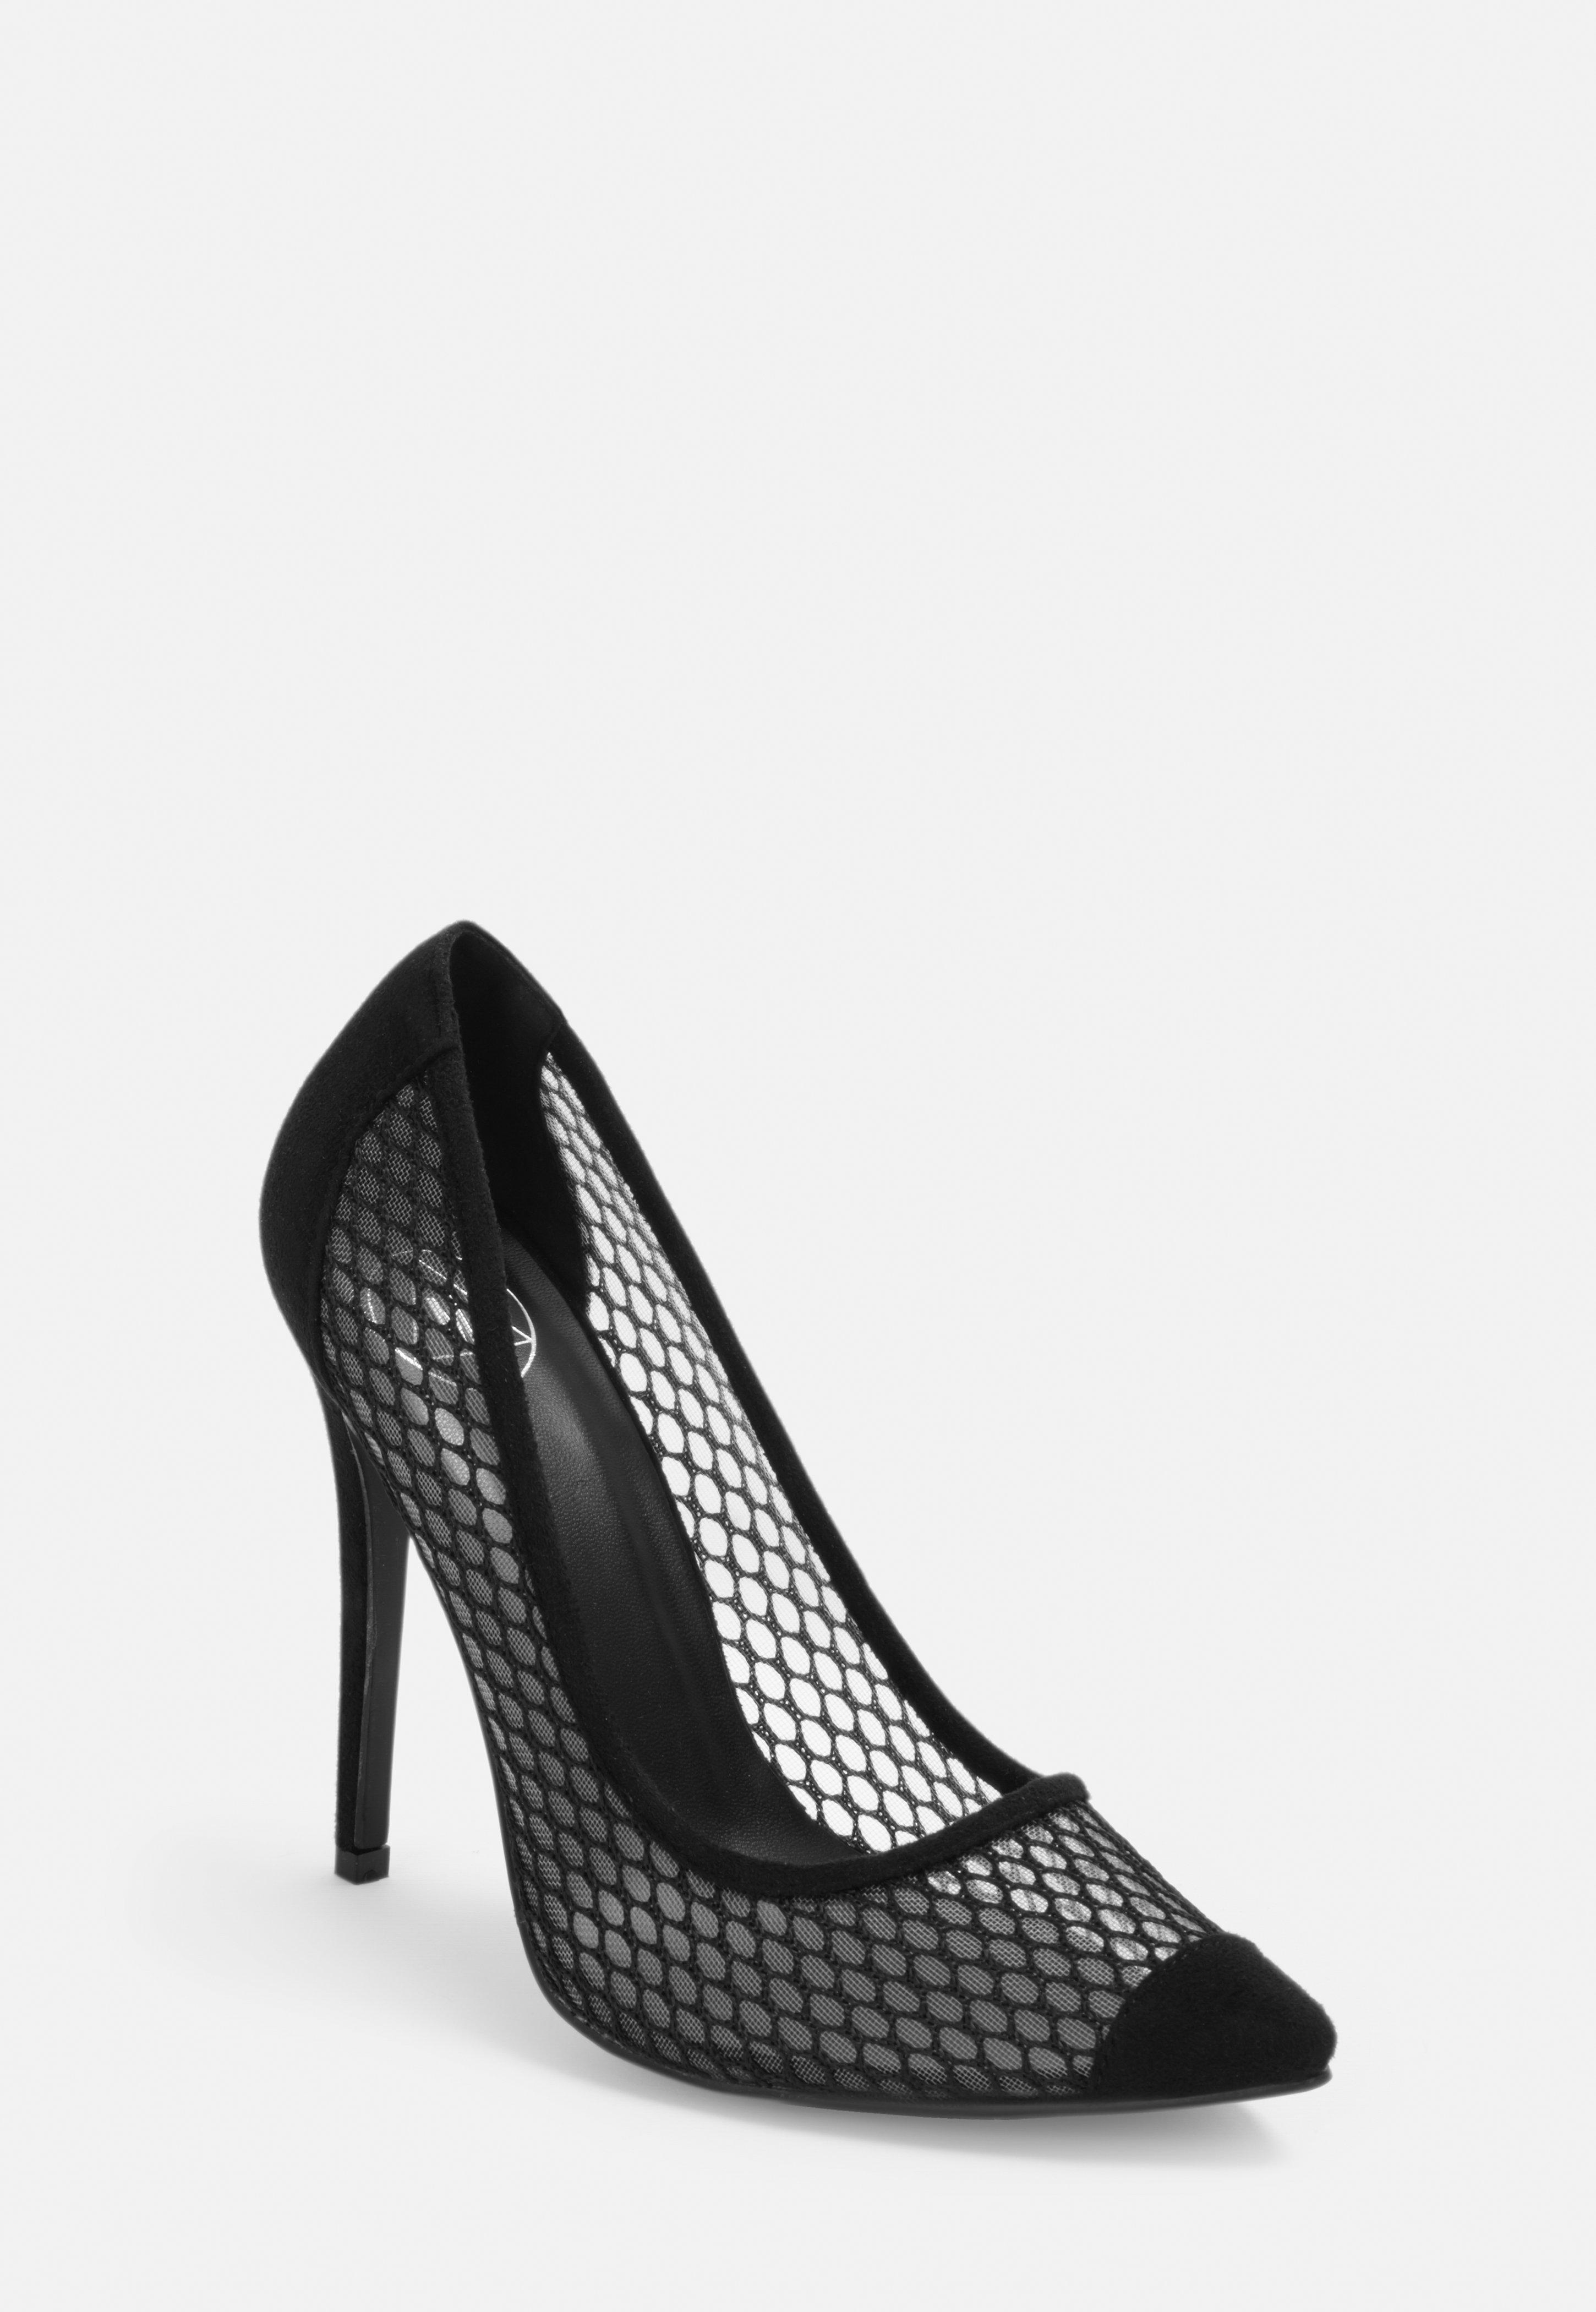 973d901e4 Heels | High Heels | Nude Heels | Missguided